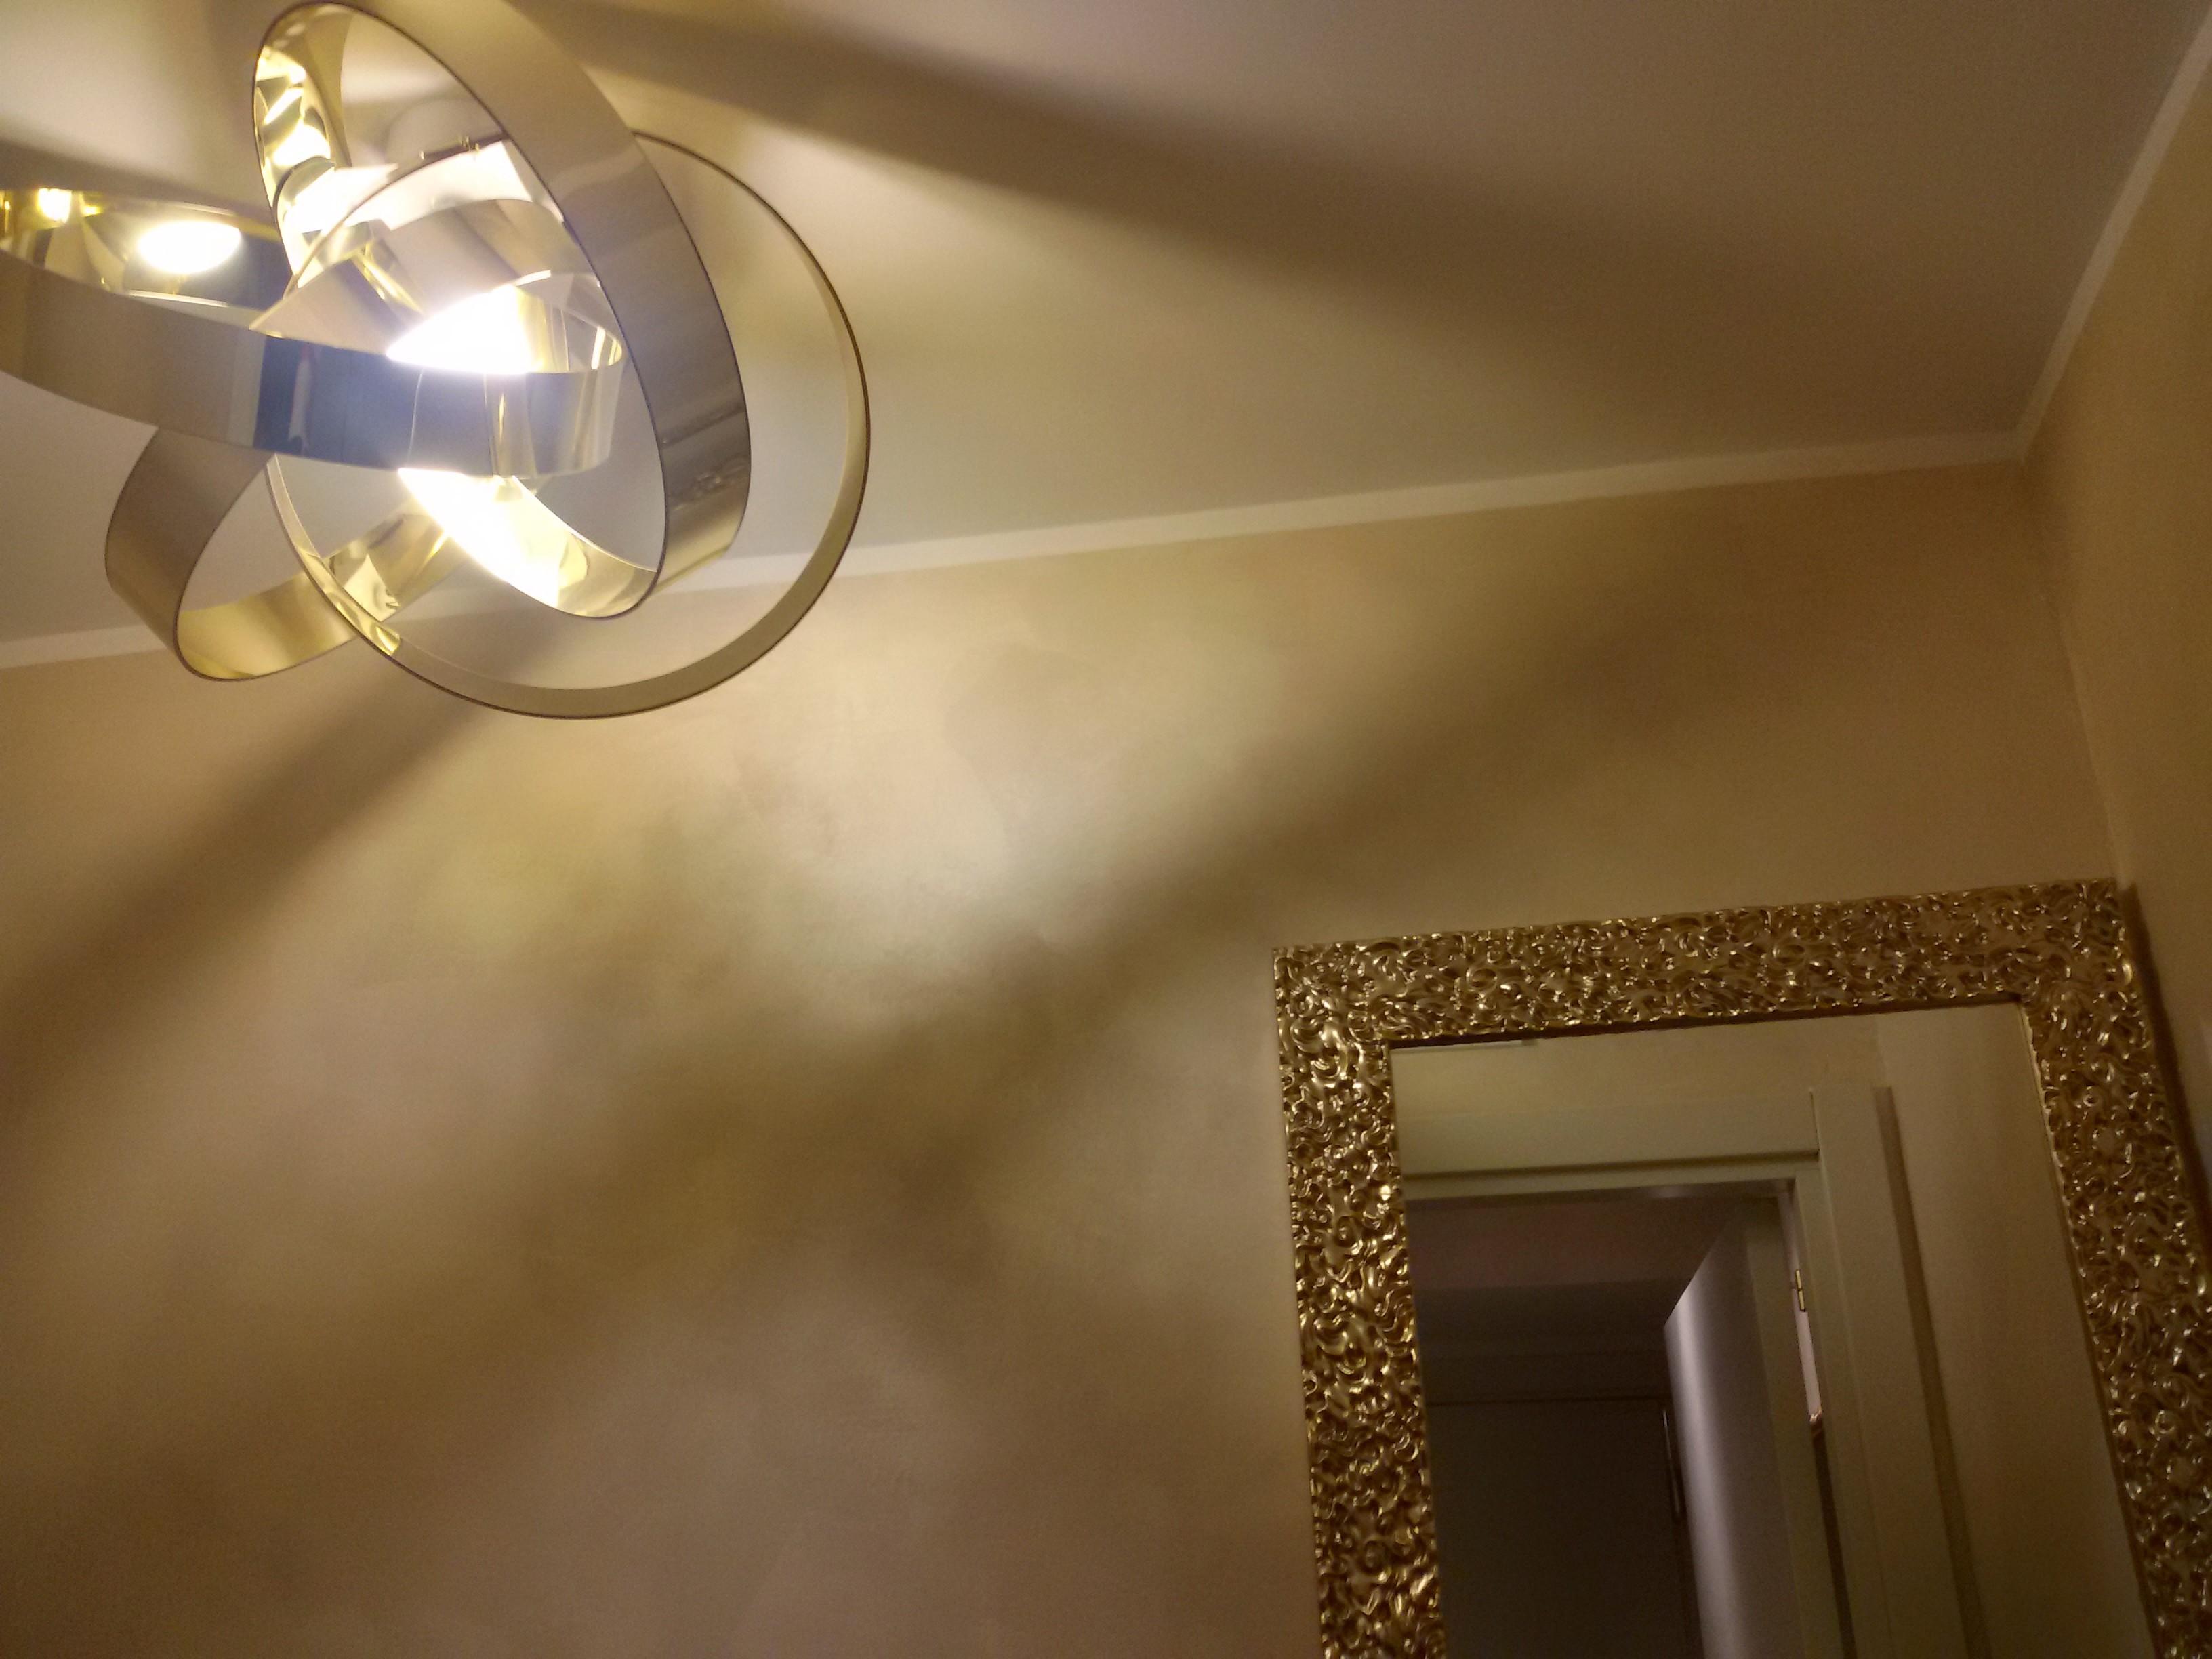 Lampade Per Bagno Design : Illuminazione per bagno design. Lampade ...